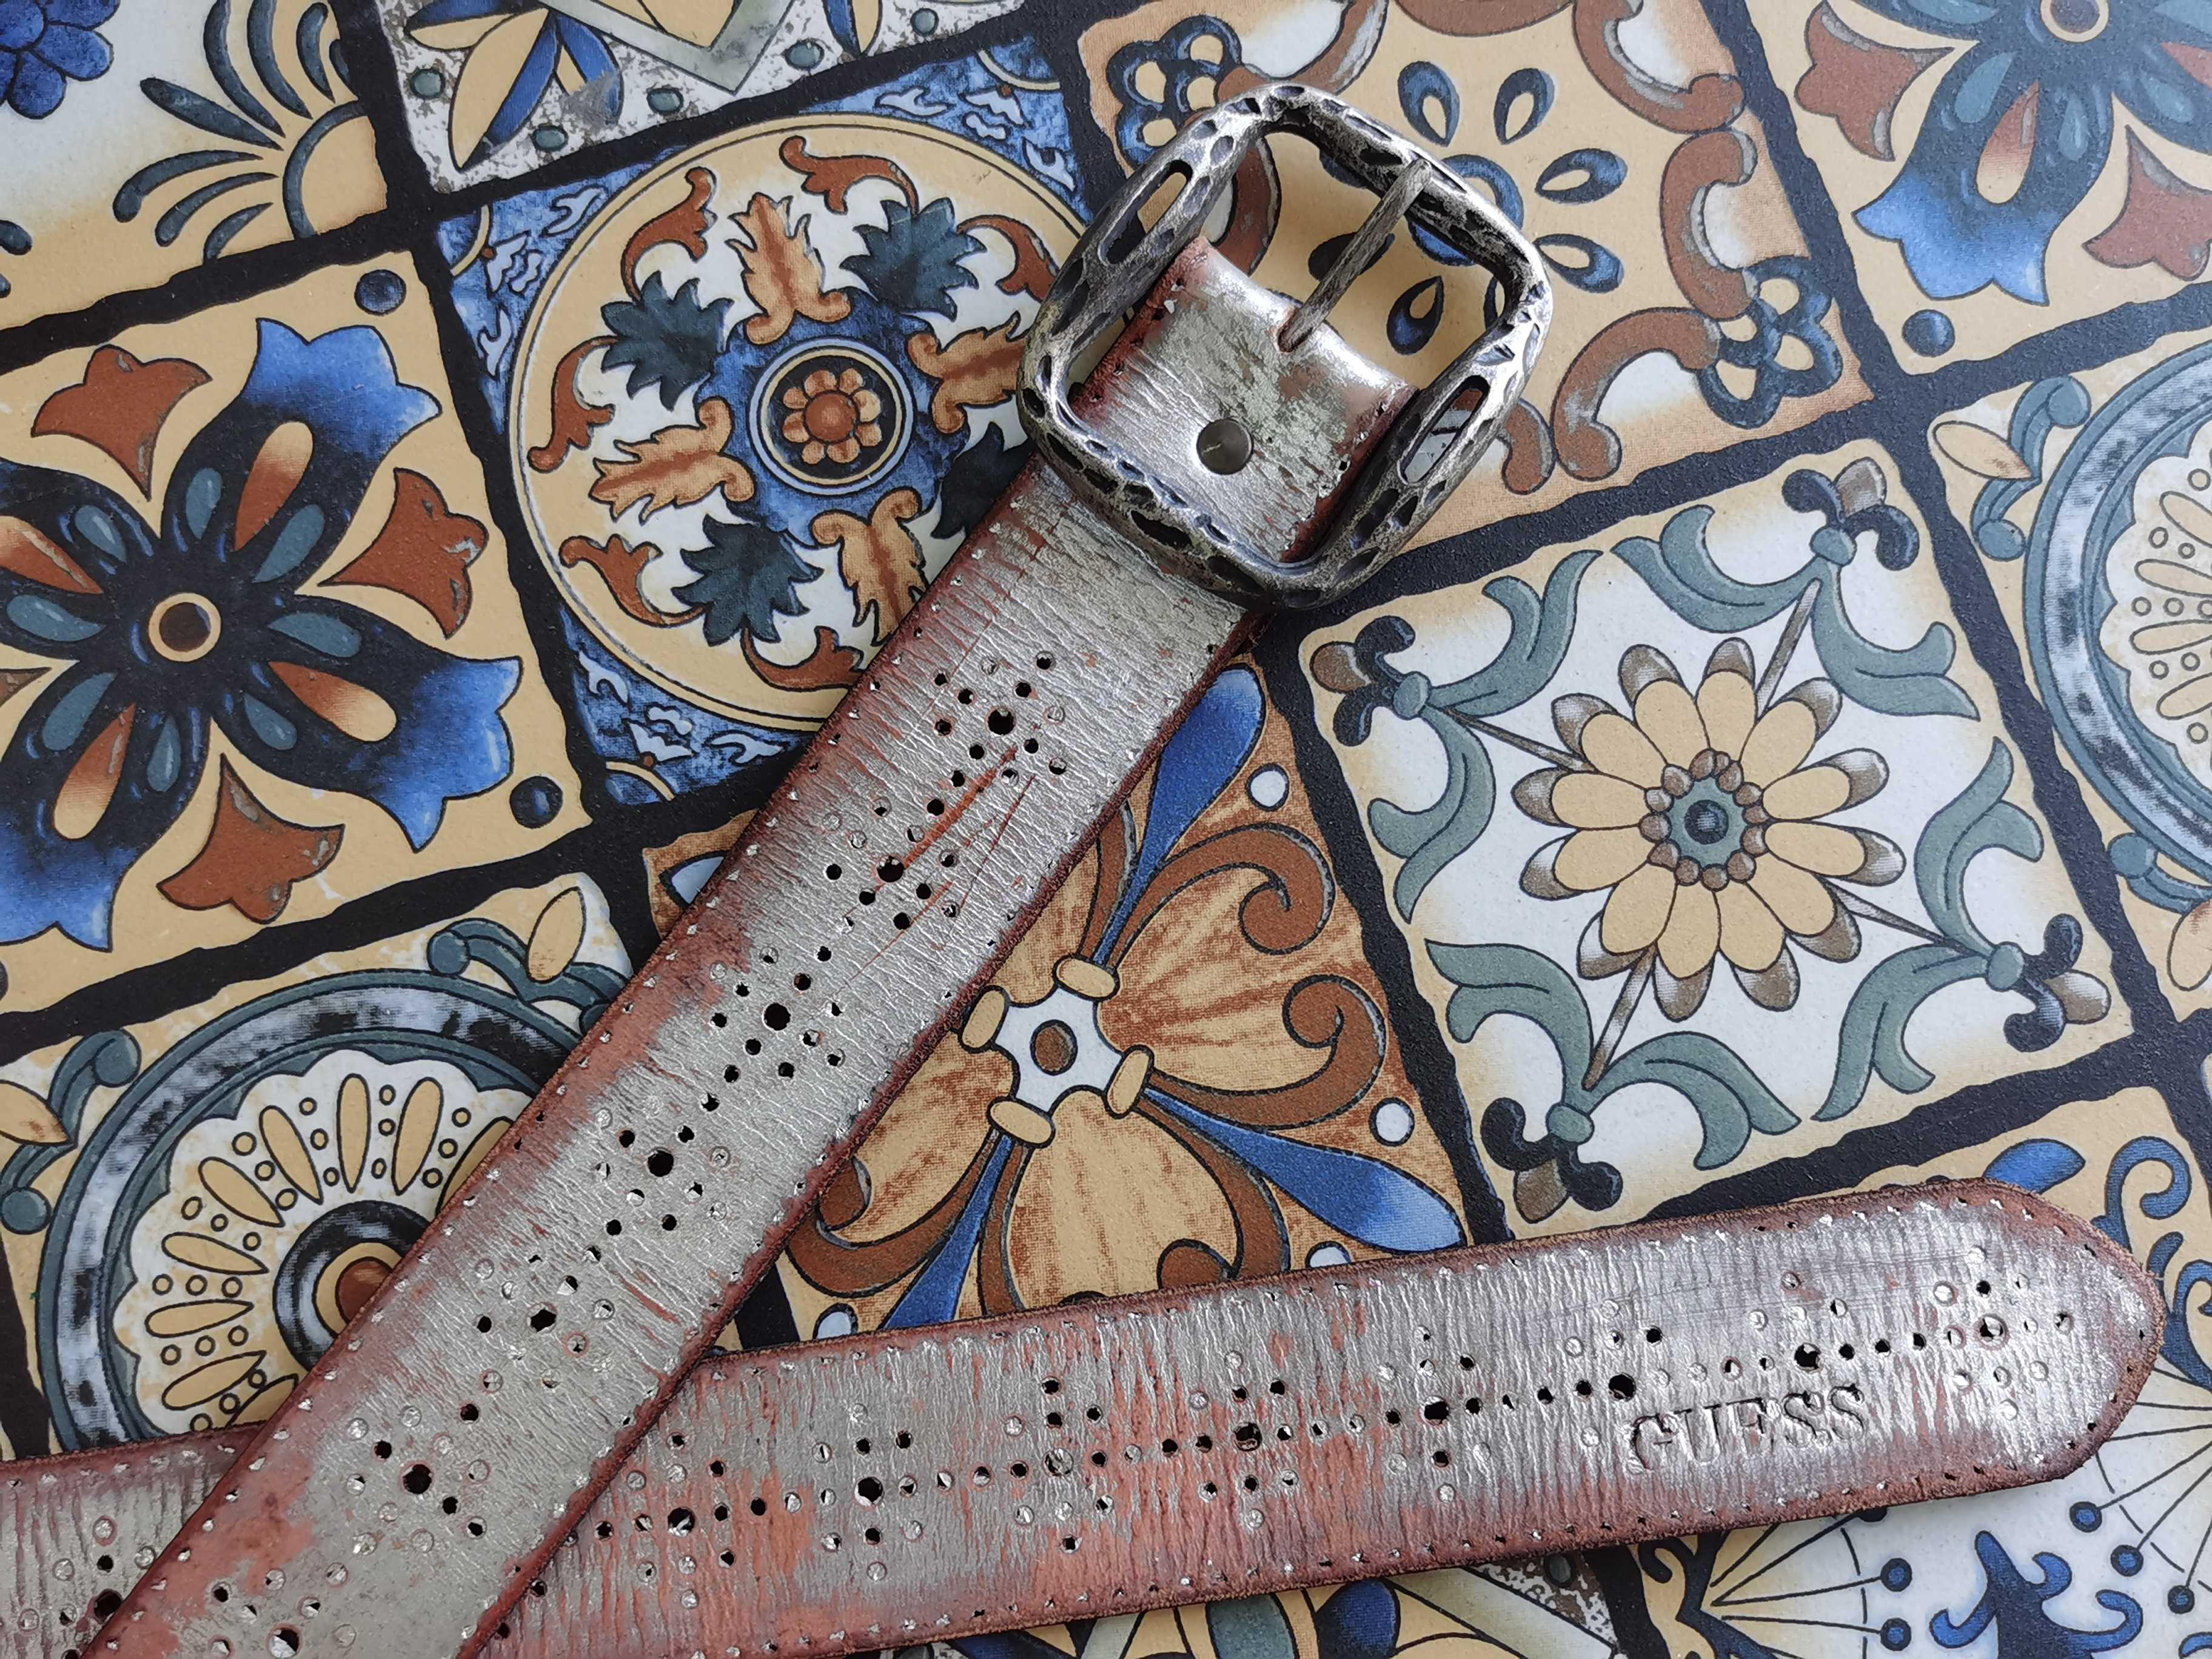 古银镂空雕花针扣做旧漆银色镶钉斑驳纯牛皮复古风休闲皮带腰带